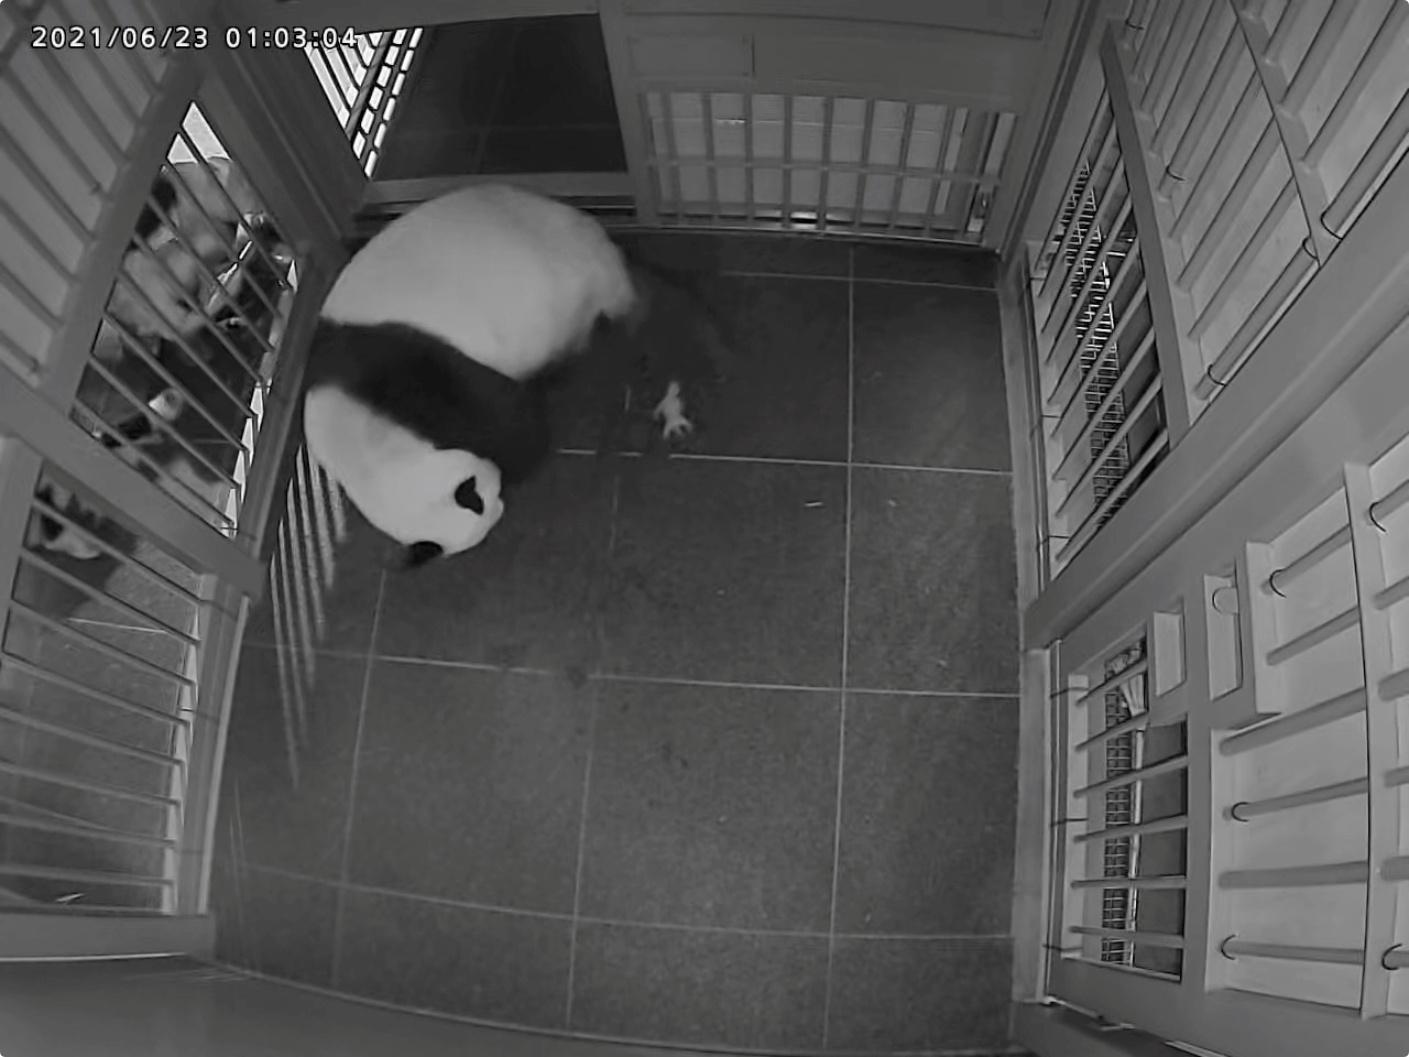 Τόκιο: Η πρώτη γέννηση πάντα σε ζωολογικό κήπο εδώ και 4 χρόνια! (pics)